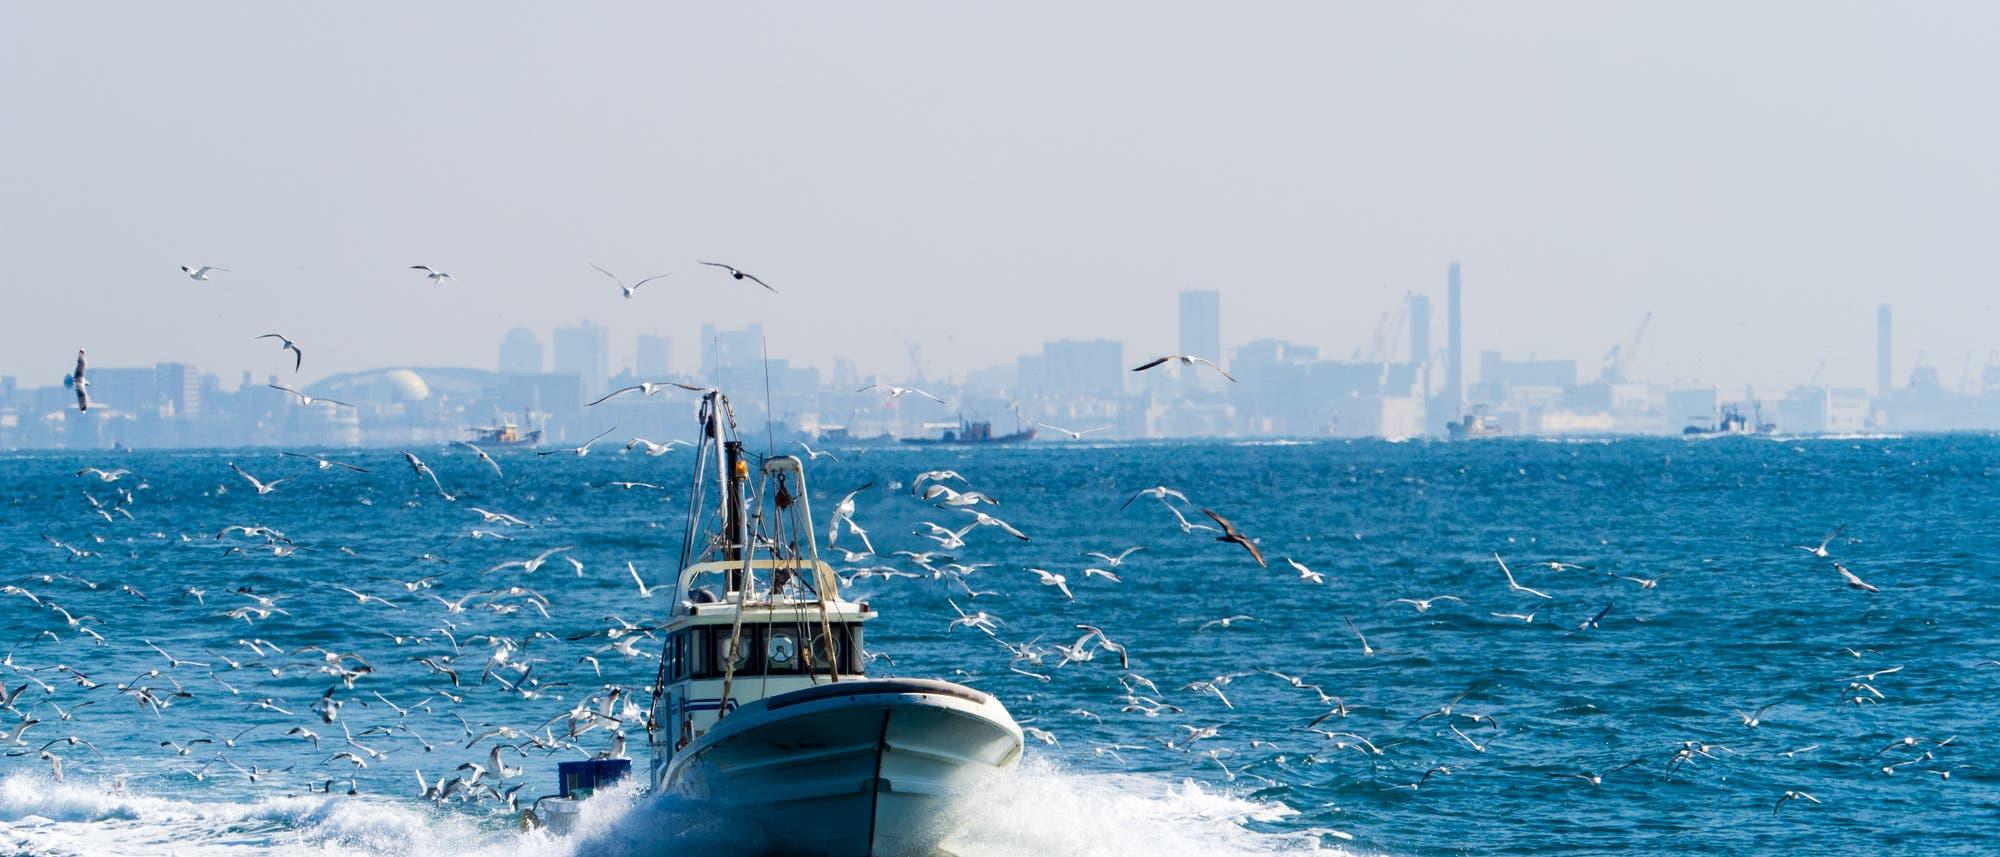 Ein kleines Motorboot umgeben von Möwen. Im Hintergrund eine Großstadt.